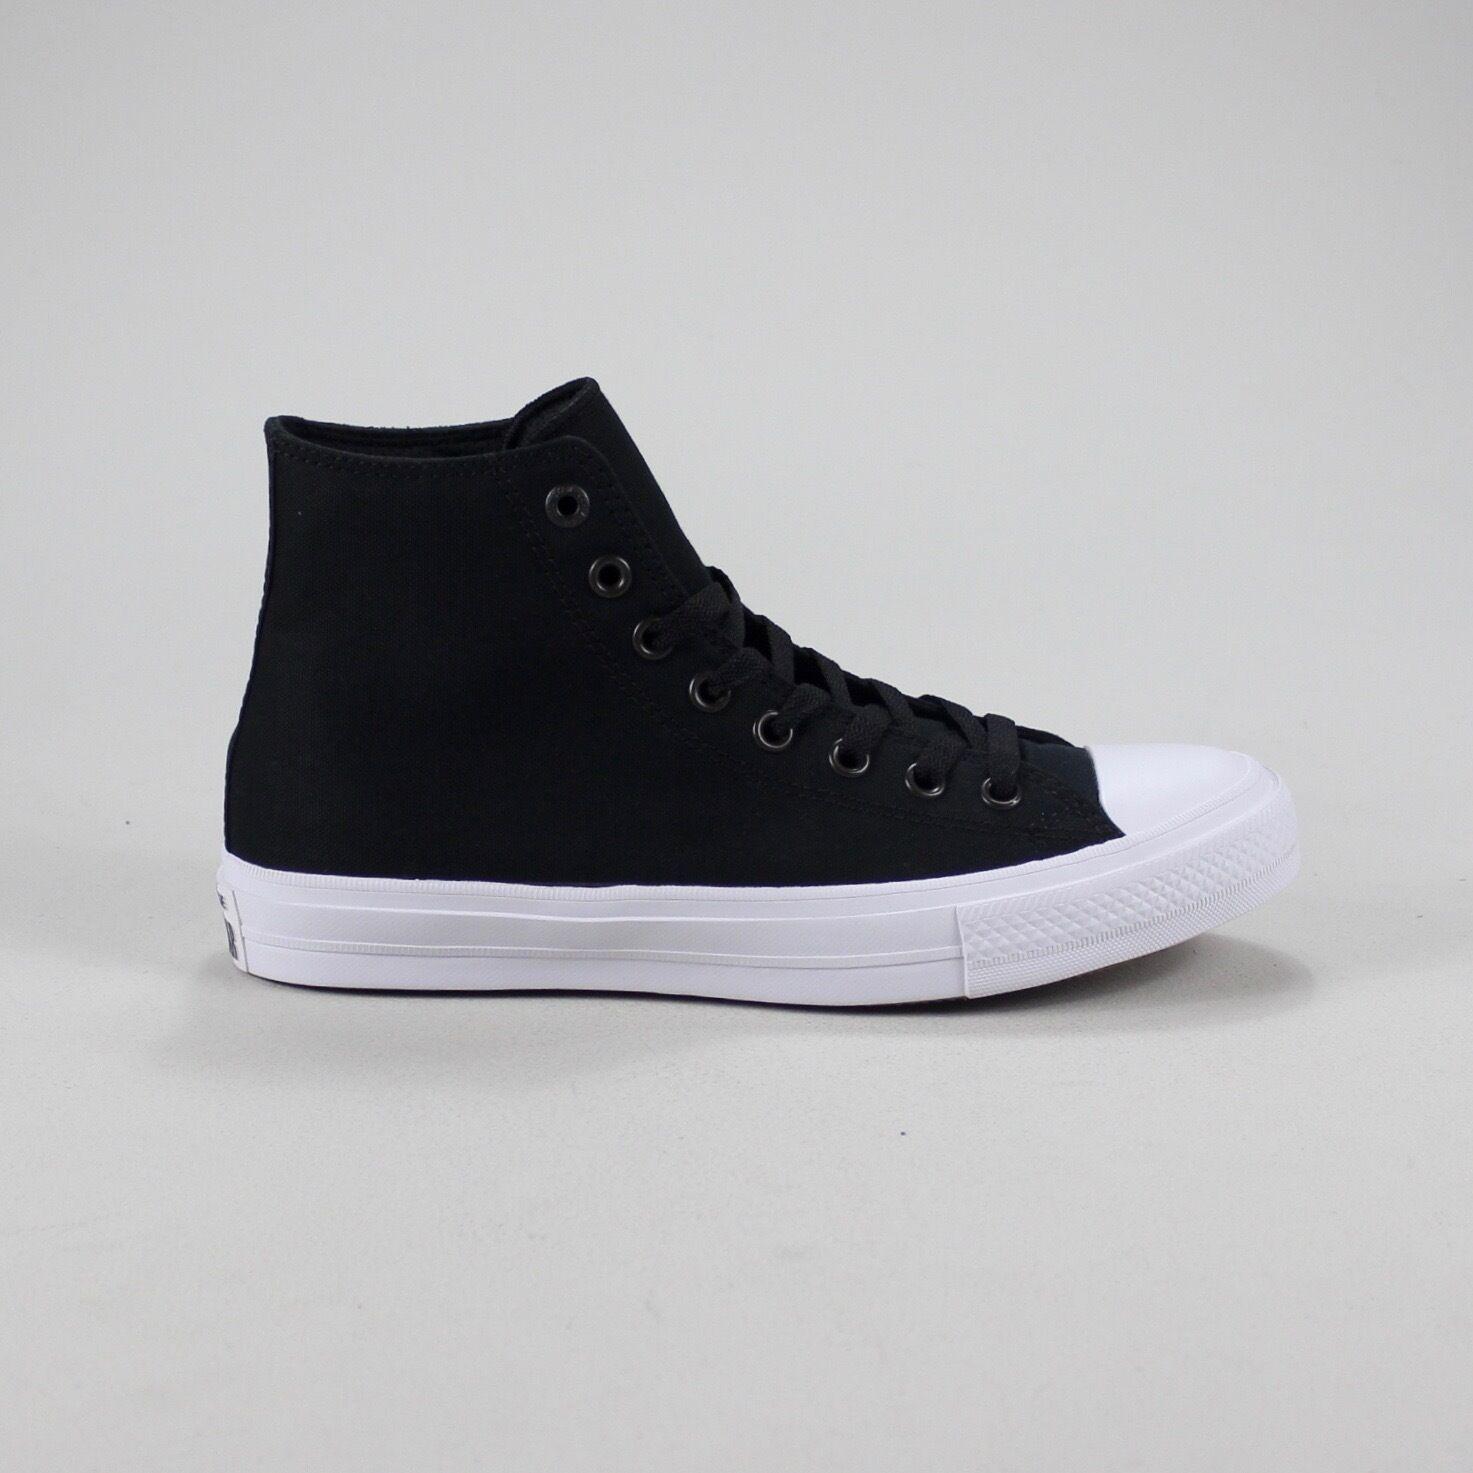 Zapatillas Converse CTAS Hi II totalmente nuevo en caja Talla Uk Tamaños 4,5,6,7,8